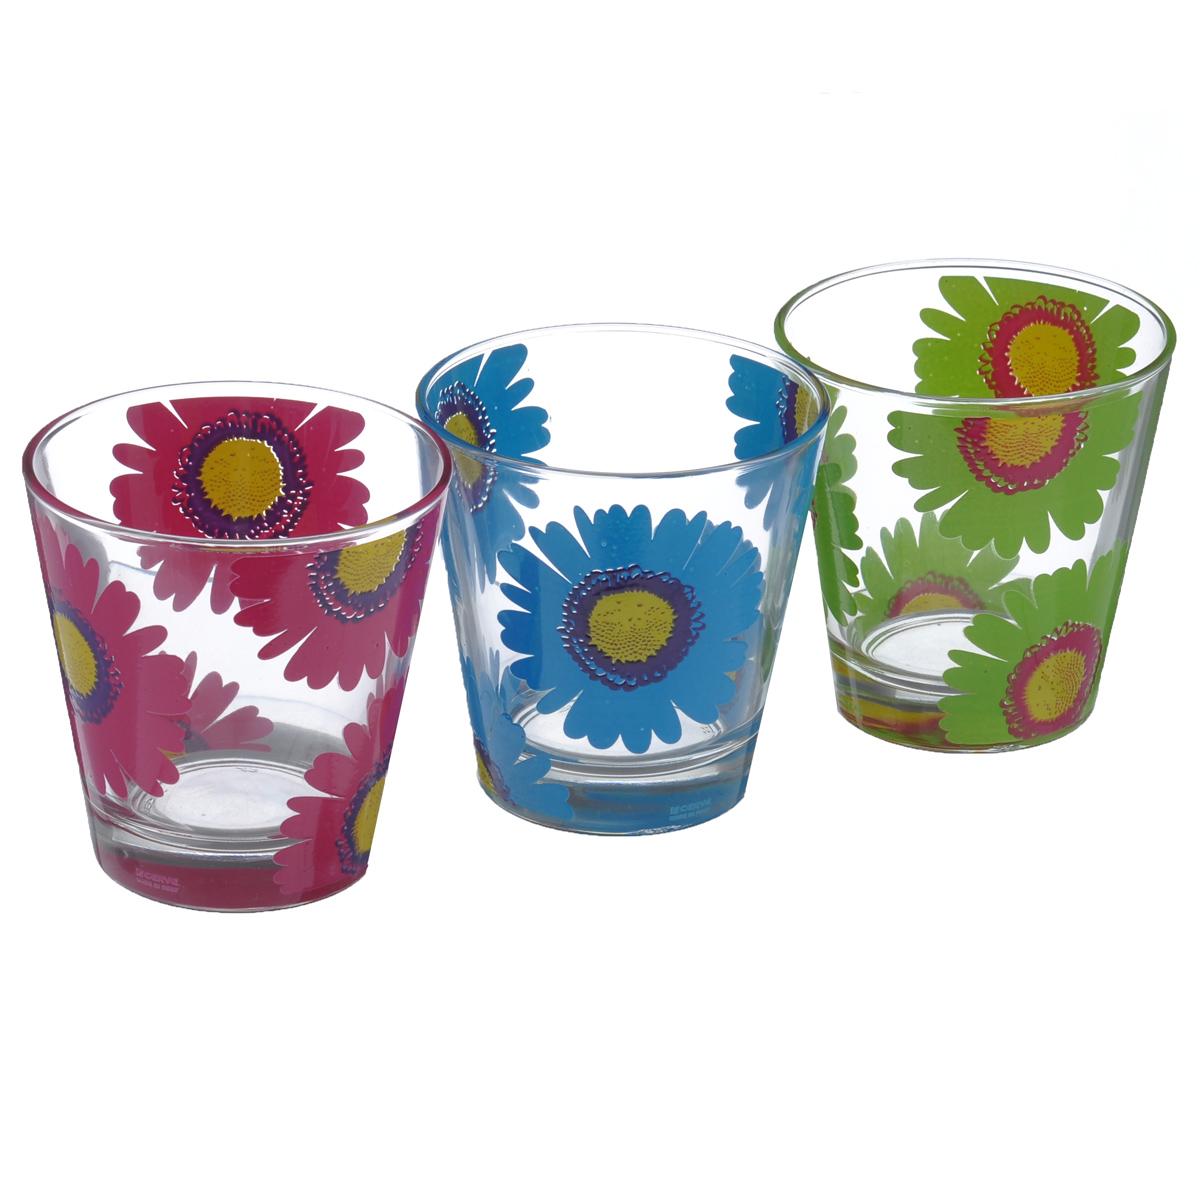 Набор стаканов Cerve Герберы, 250 мл, 3 штVT-1520(SR)Набор Cerve Герберы состоит из трех низких стаканов, изготовленных из высококачественного стекла. Внешние стенки оформлены красочным цветочным узором. Такие стаканы прекрасно подойдут для сока, воды, лимонада и других напитков. Они ярко оформят стол и станут прекрасным дополнением к коллекции вашей кухонной посуды. Можно мыть в посудомоечной машине. Диаметр стакана (по верхнему краю): 8,5 см. Высота стакана: 9 см.